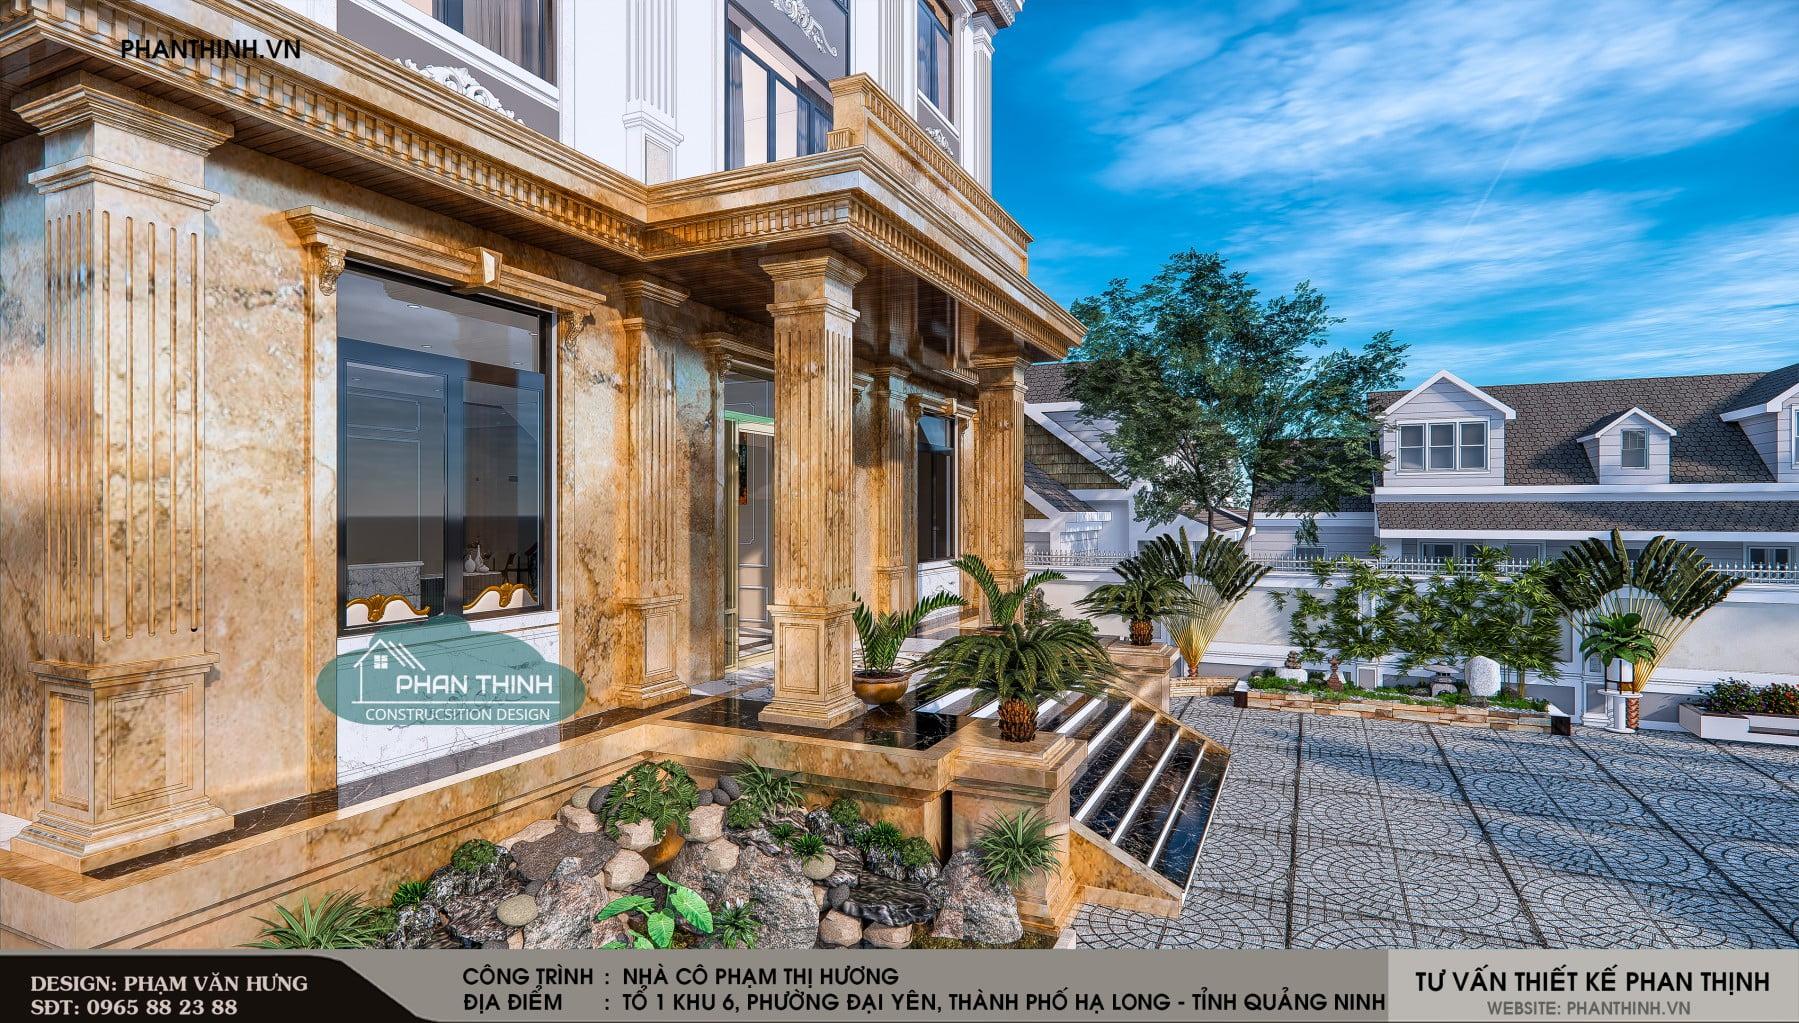 Sảnh chính của ngôi nhà được thiết kế nhiều tiểu cảnh trang trí đẹp mắt.